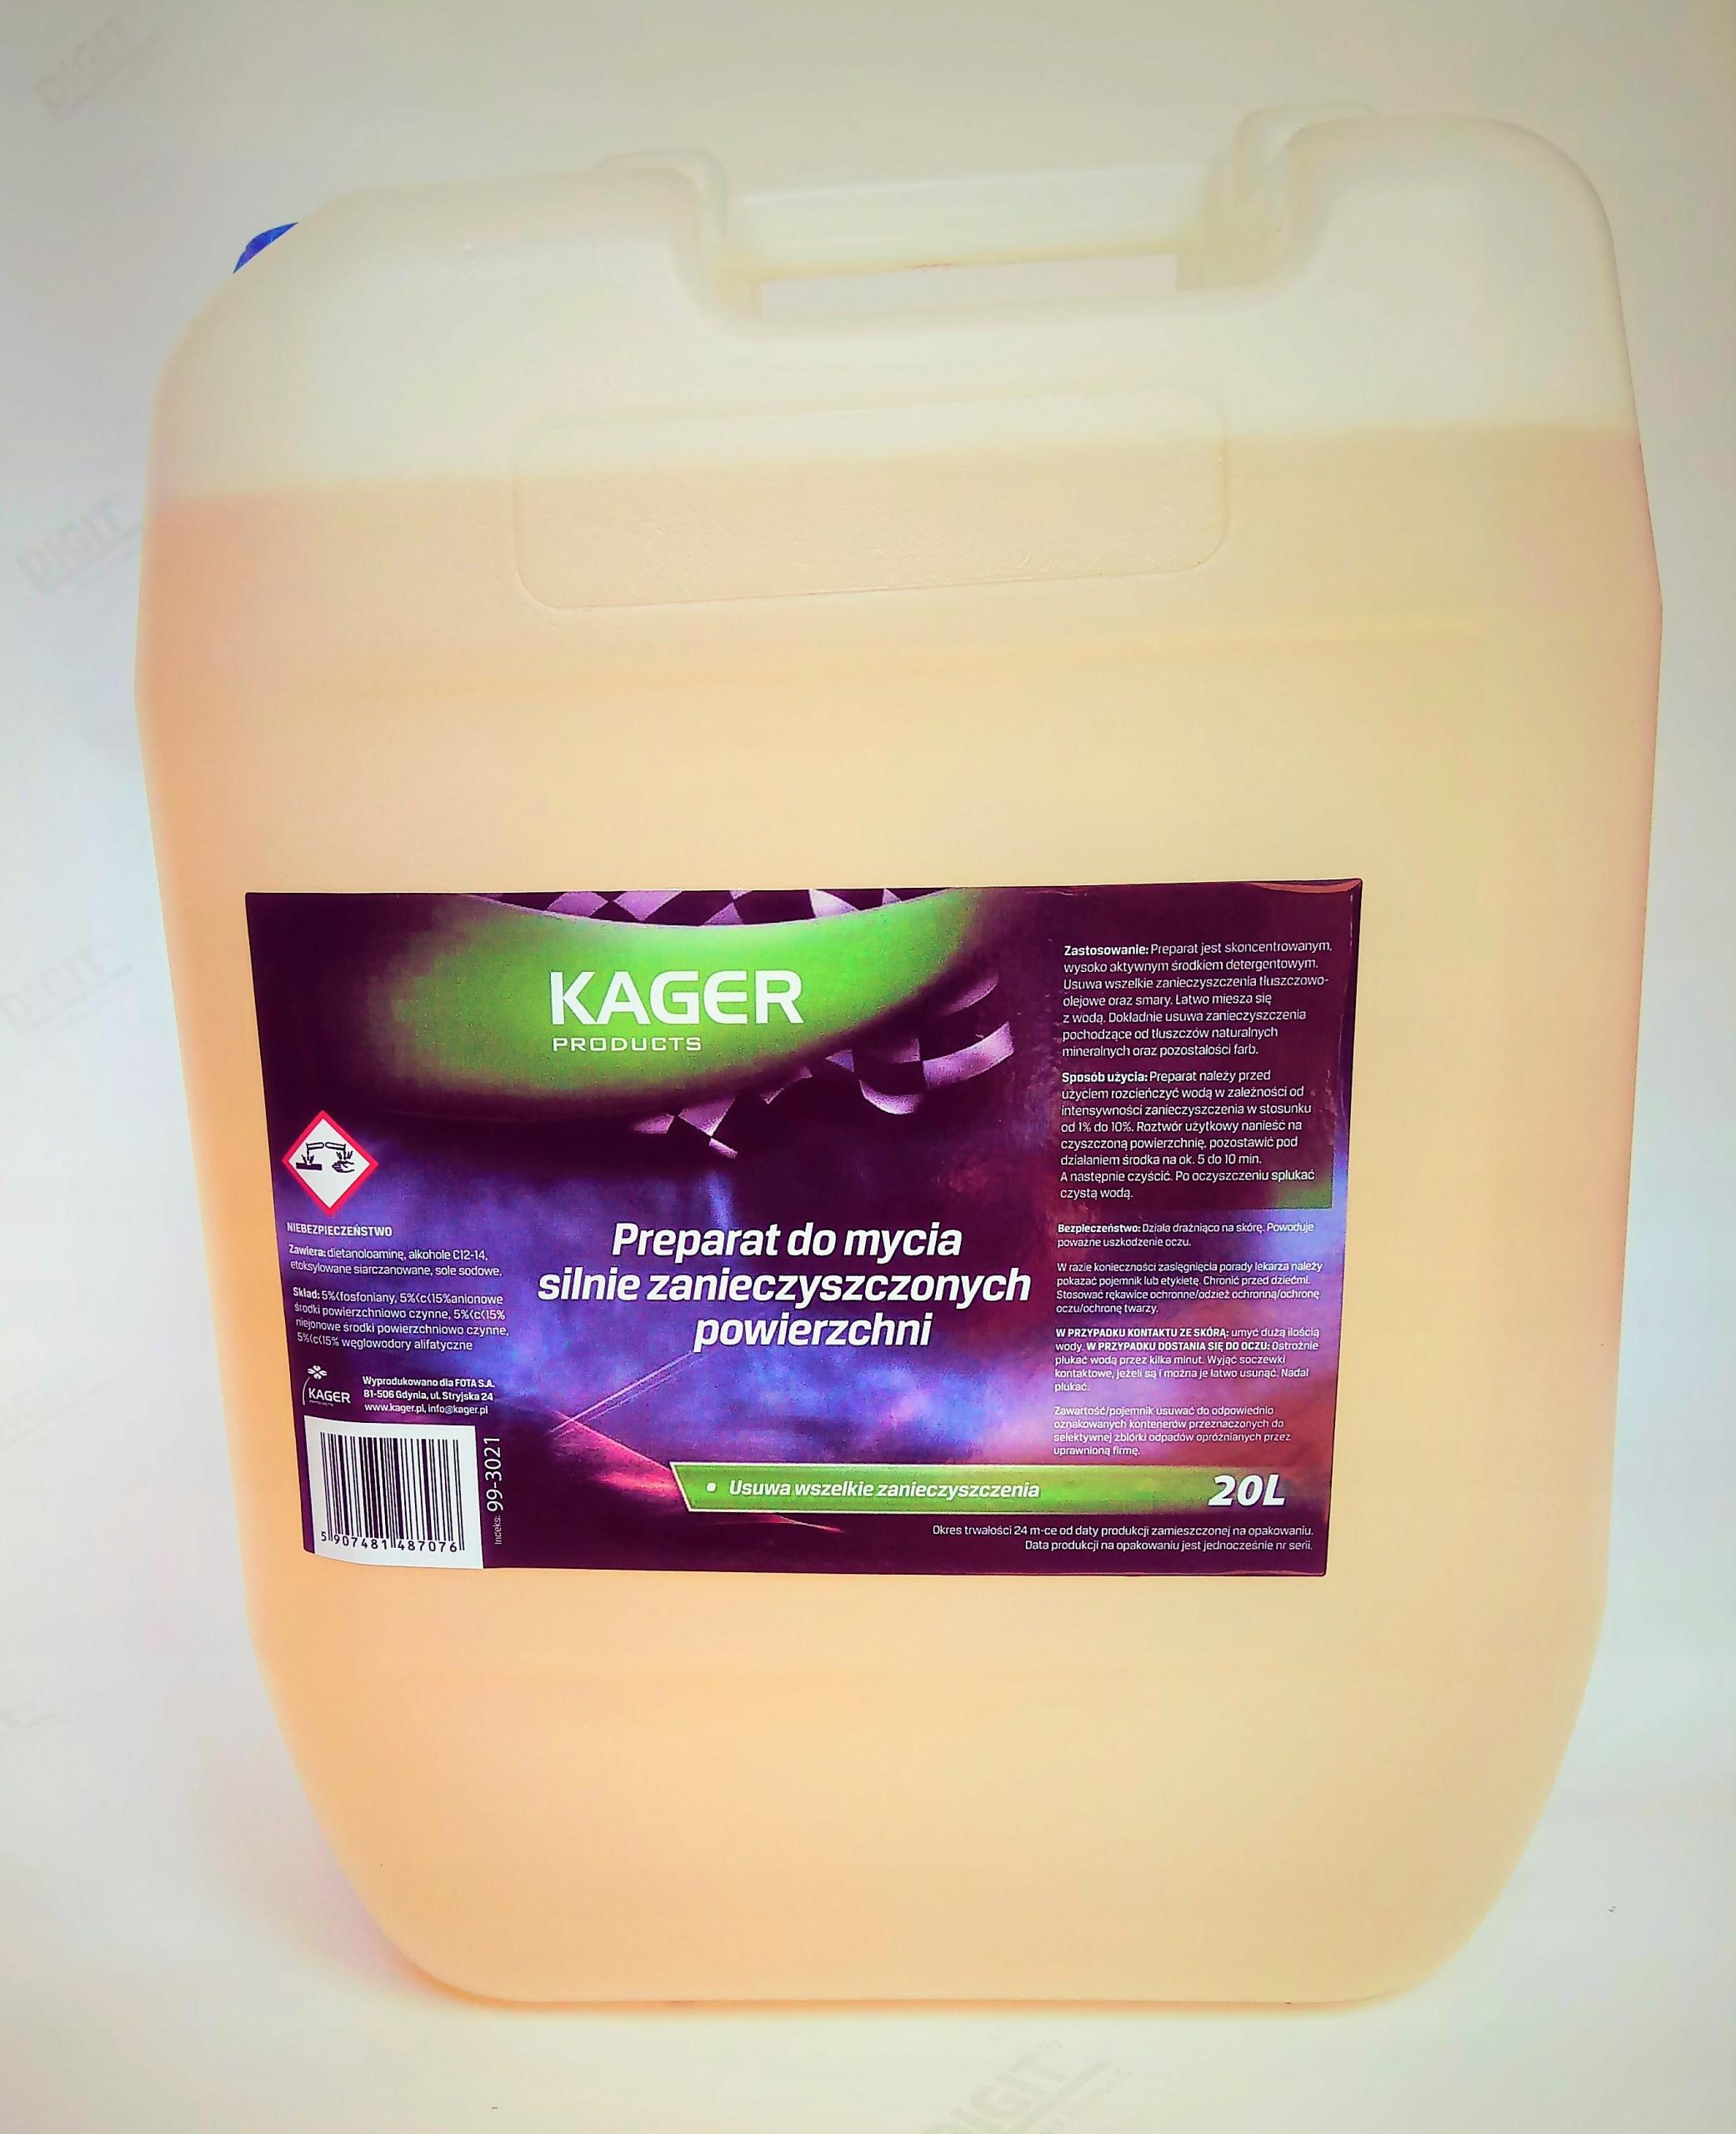 Препарат для сильно загрязненных поверхностей KAGER 20L EAN 5907481487076